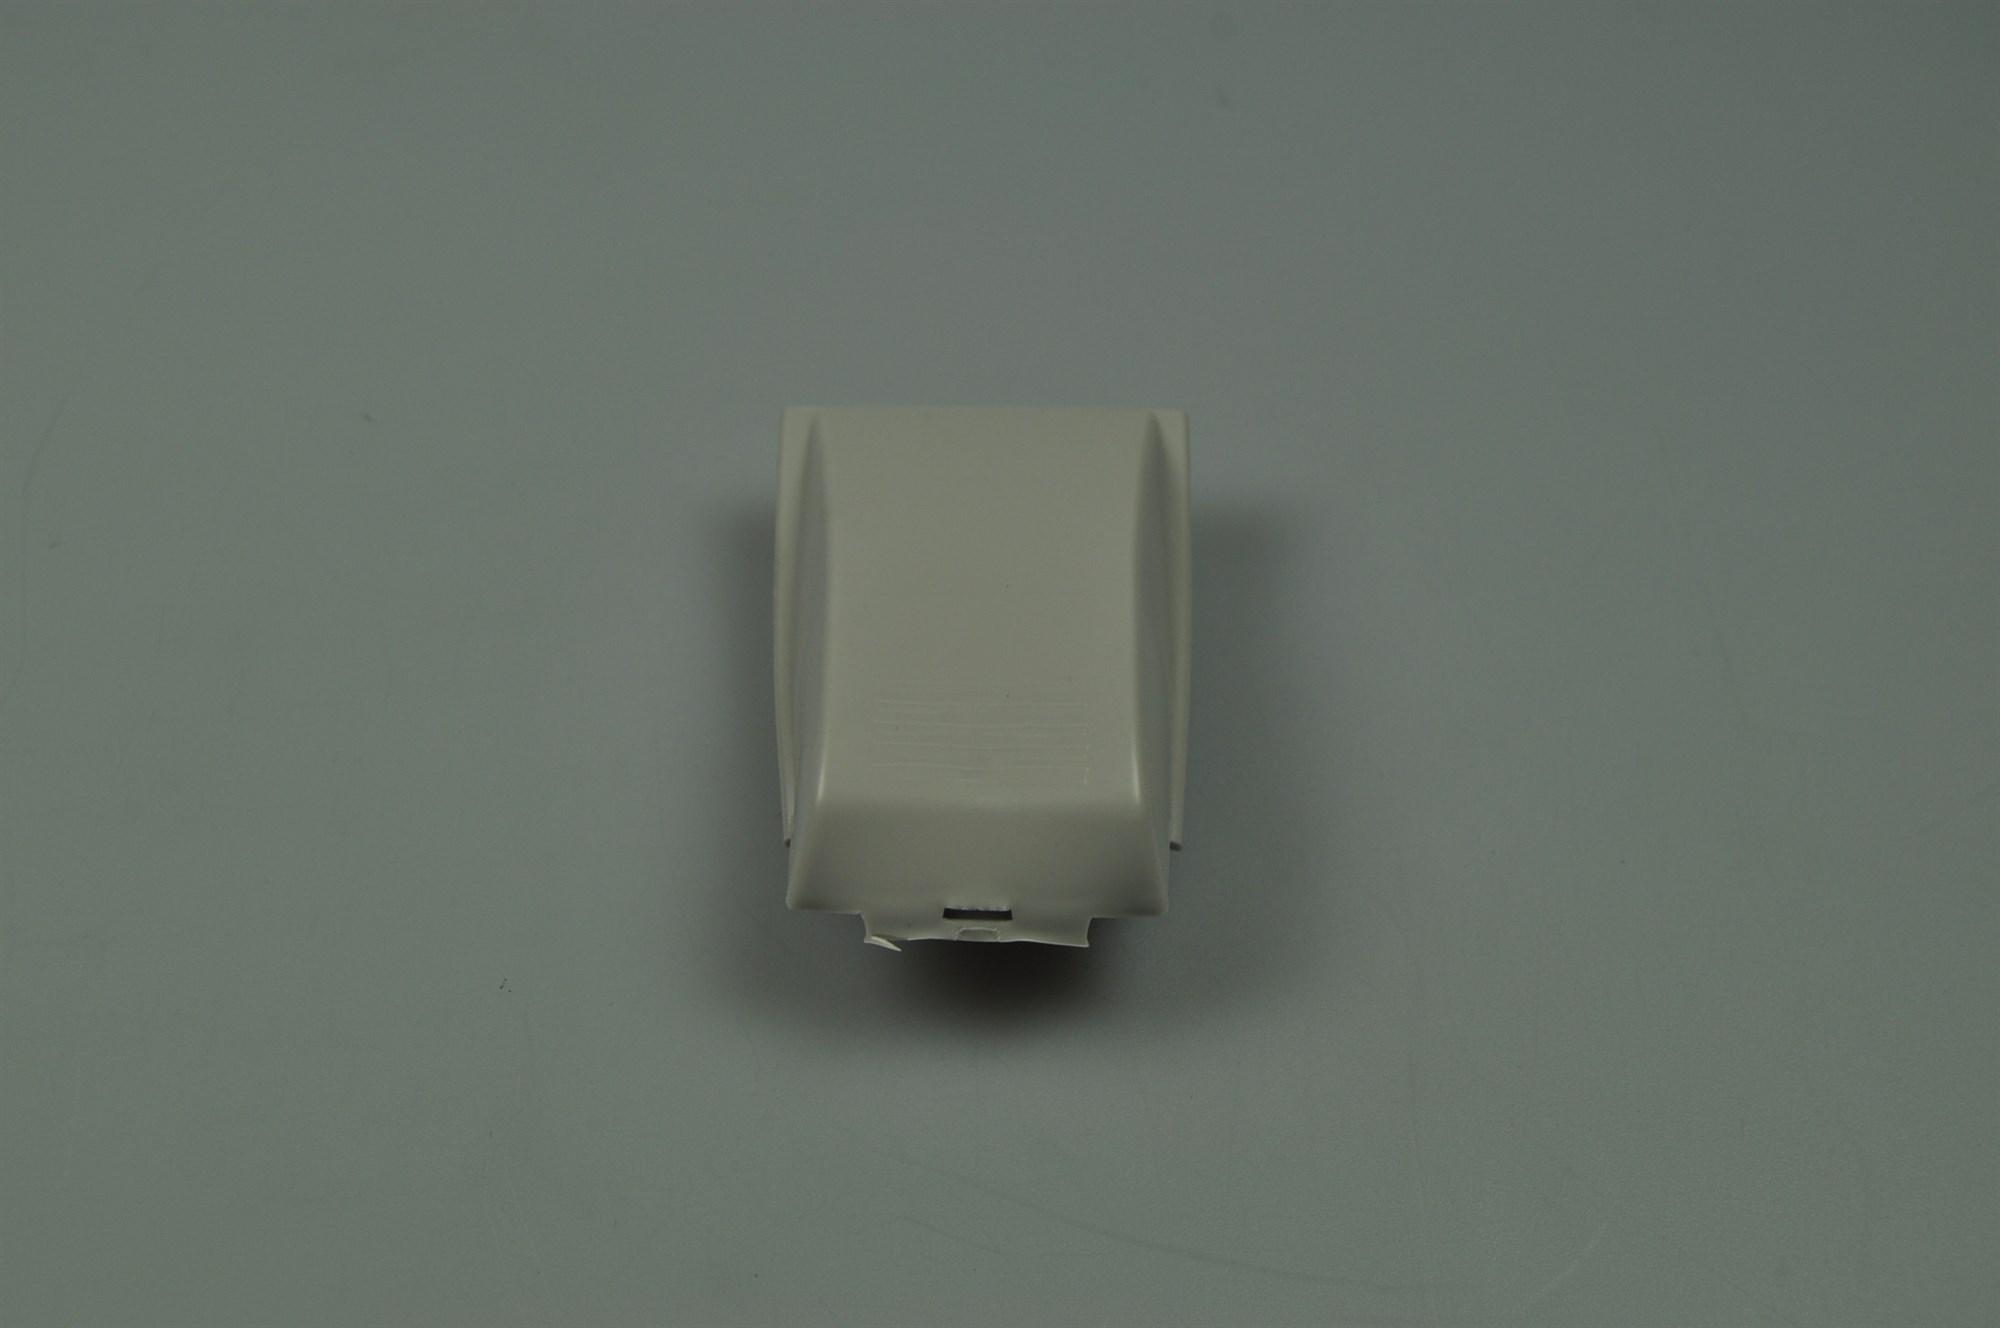 Side By Side Kühlschrank Dunkelgrau : Gummiknopf für wasserspender maytag side by side kühlschrank grau